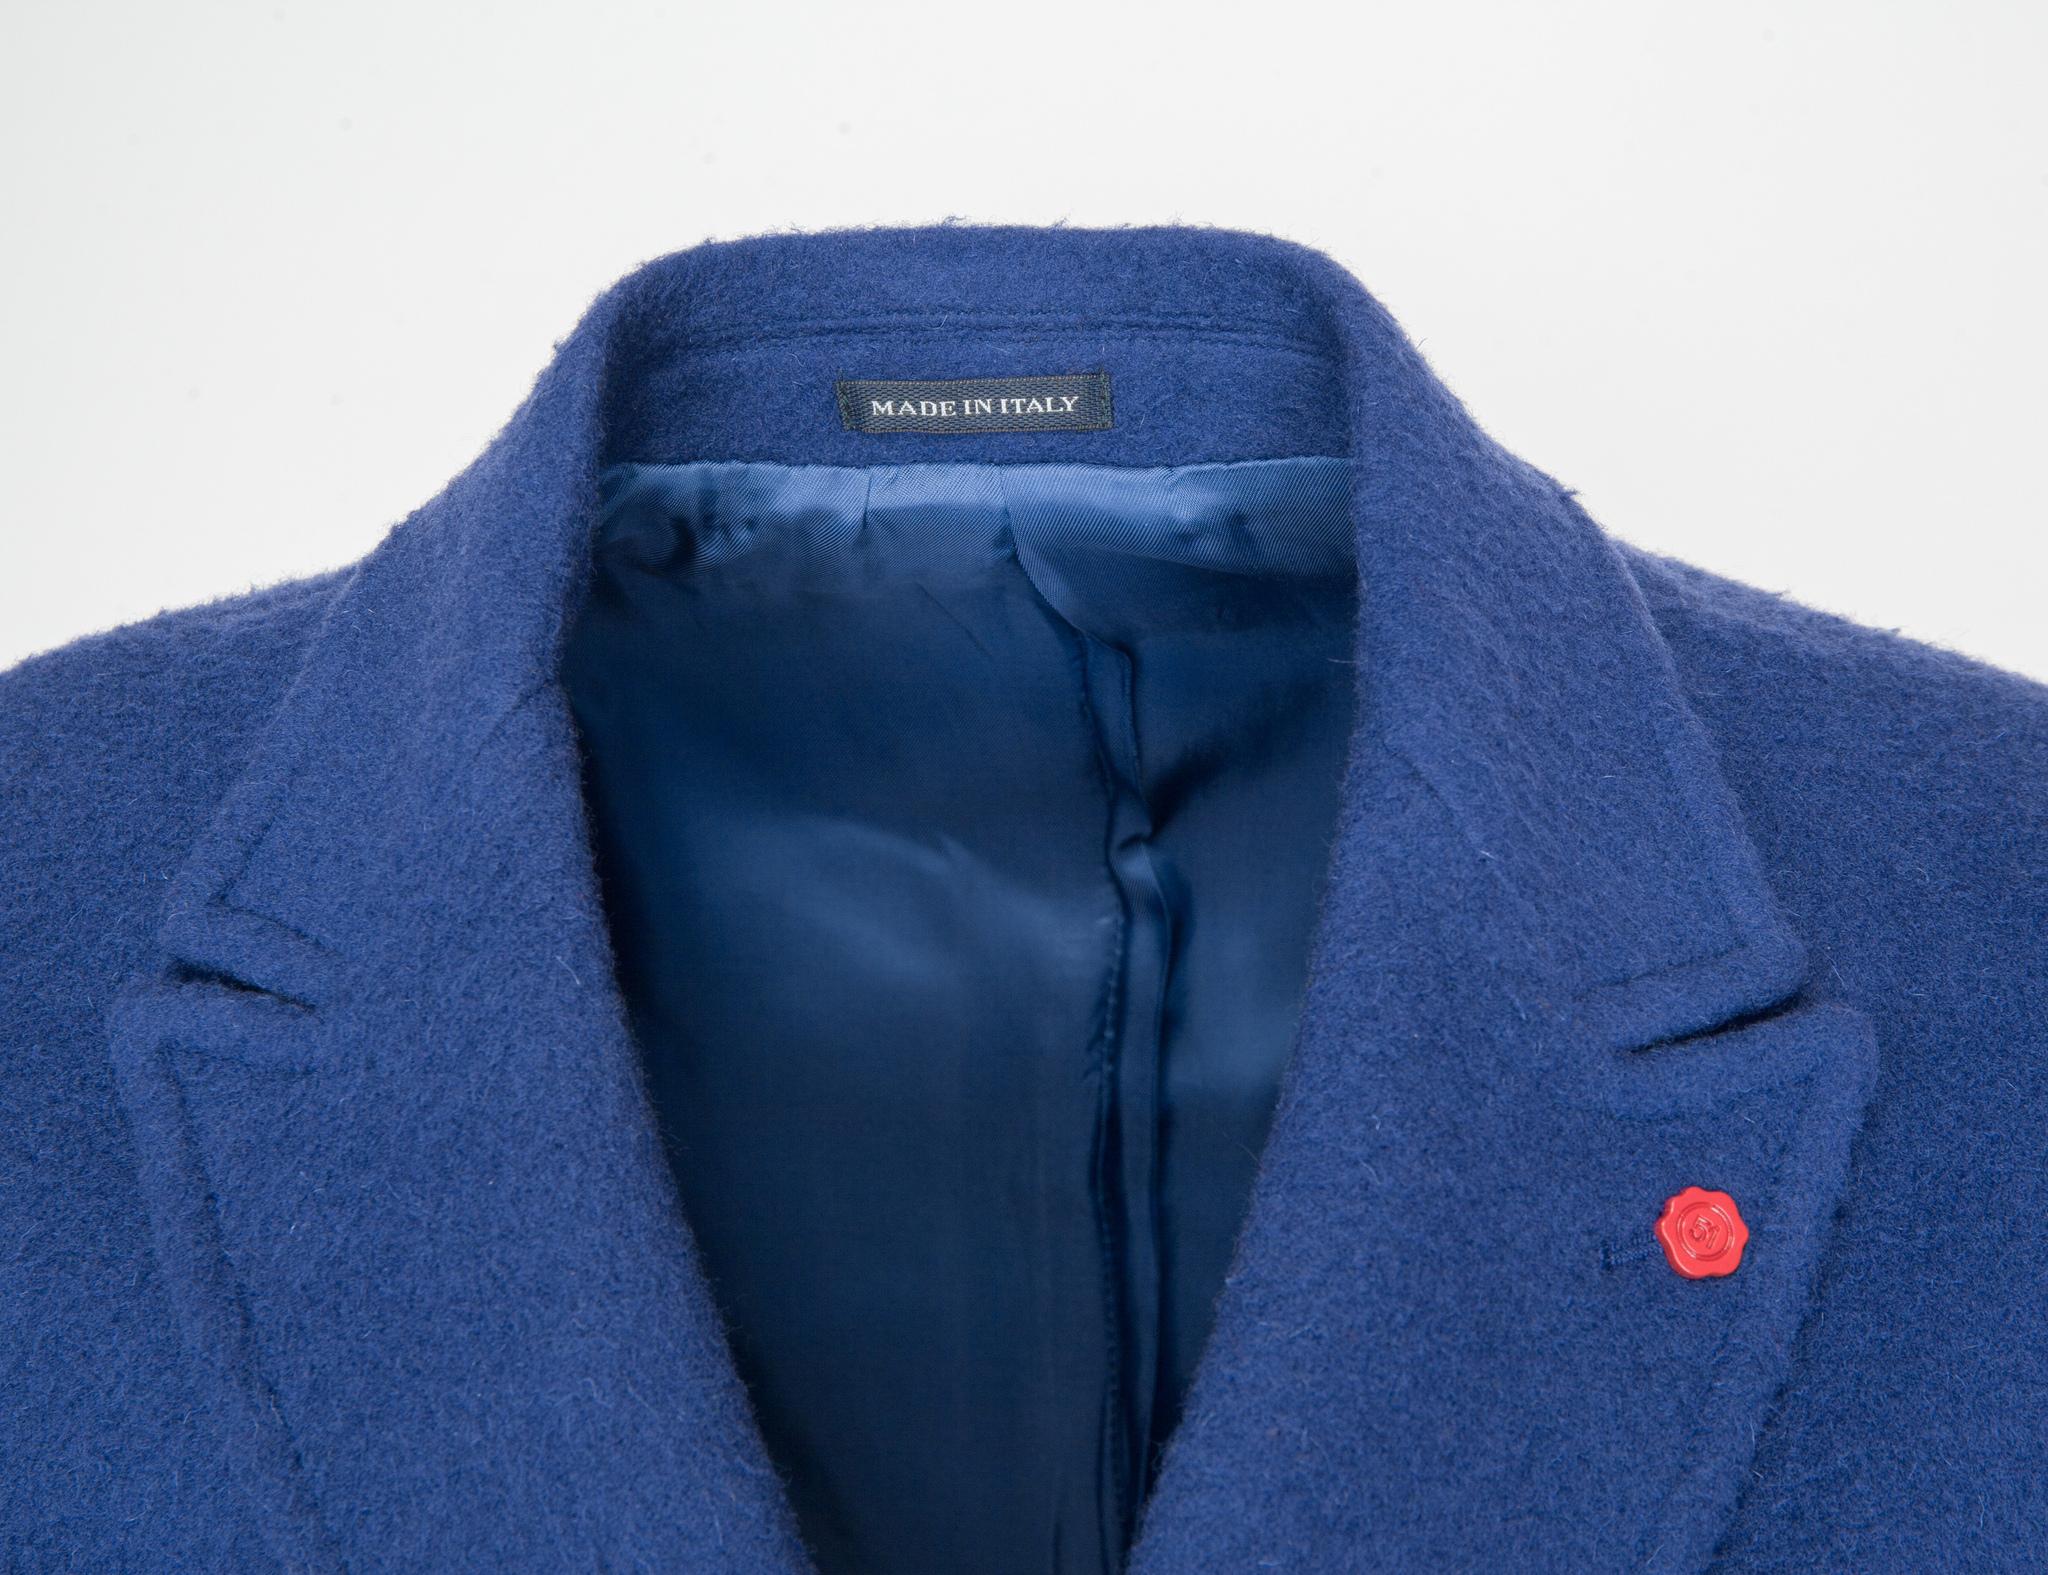 Двубортное синее шерстяное пальто узкого кроя, воротник